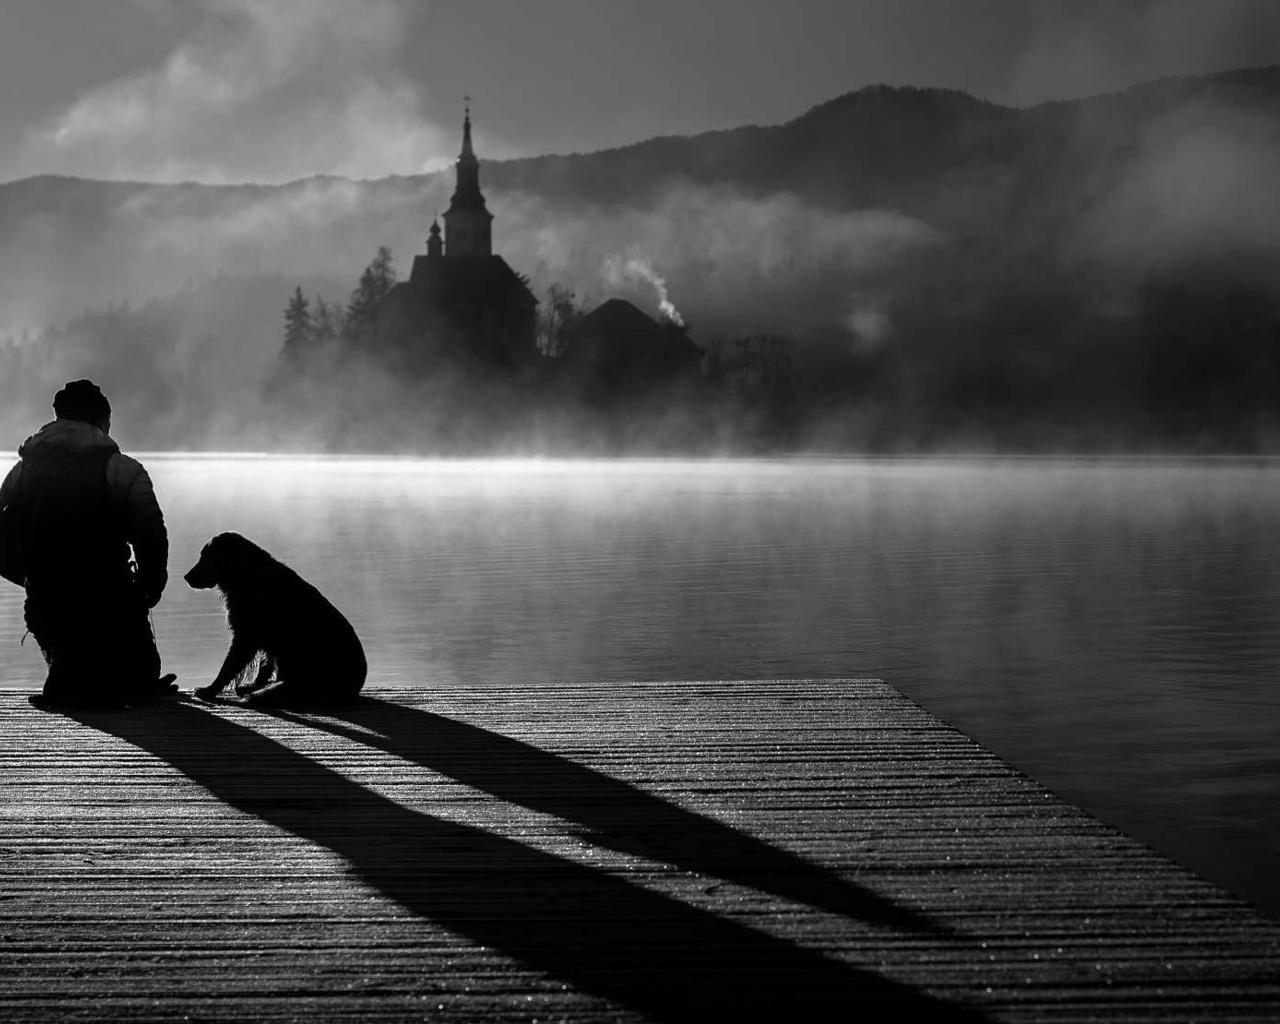 одной передачи одиночество черно белые картинки кто самый лучший